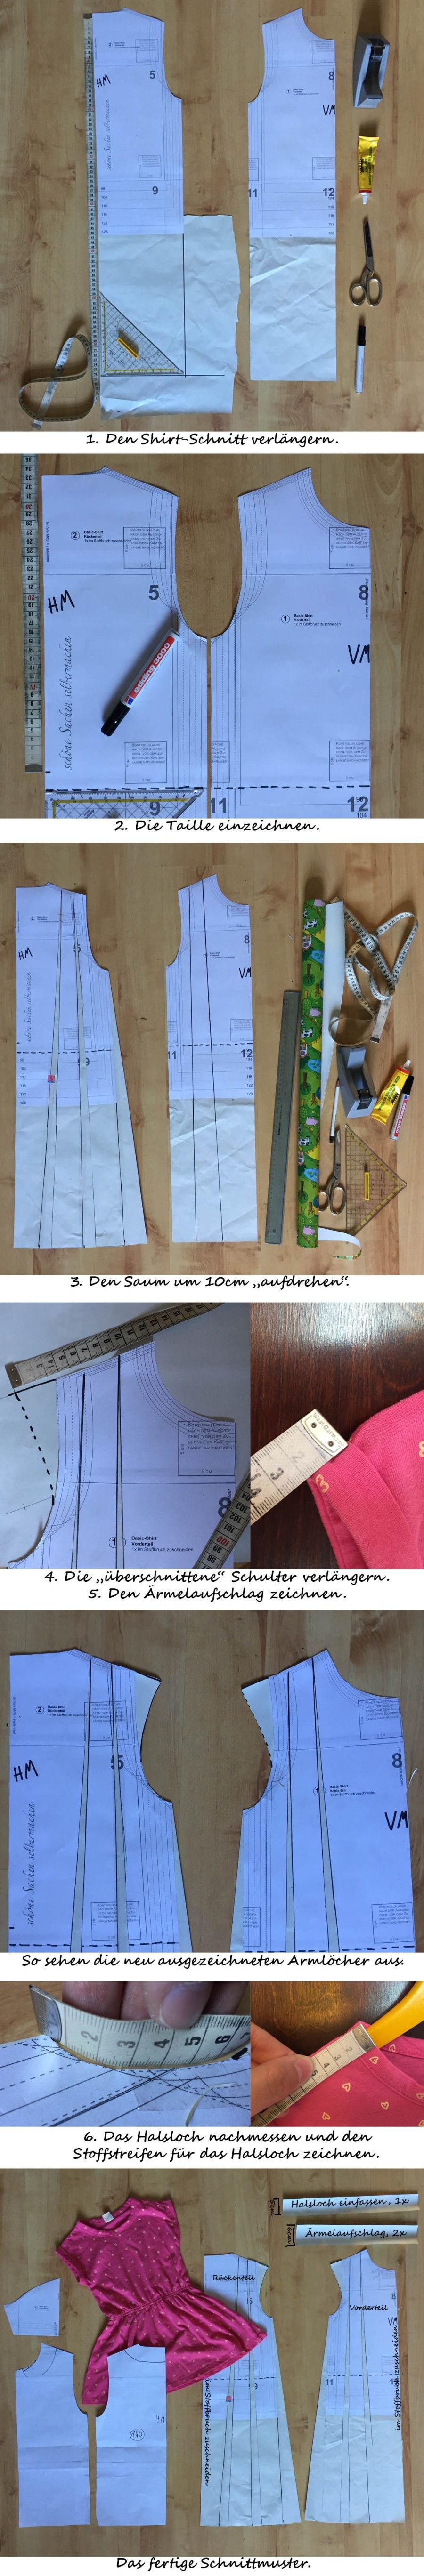 ein Schnittmuster für ein Sommerkleid konstruieren, ein Schnittmuster selber machen